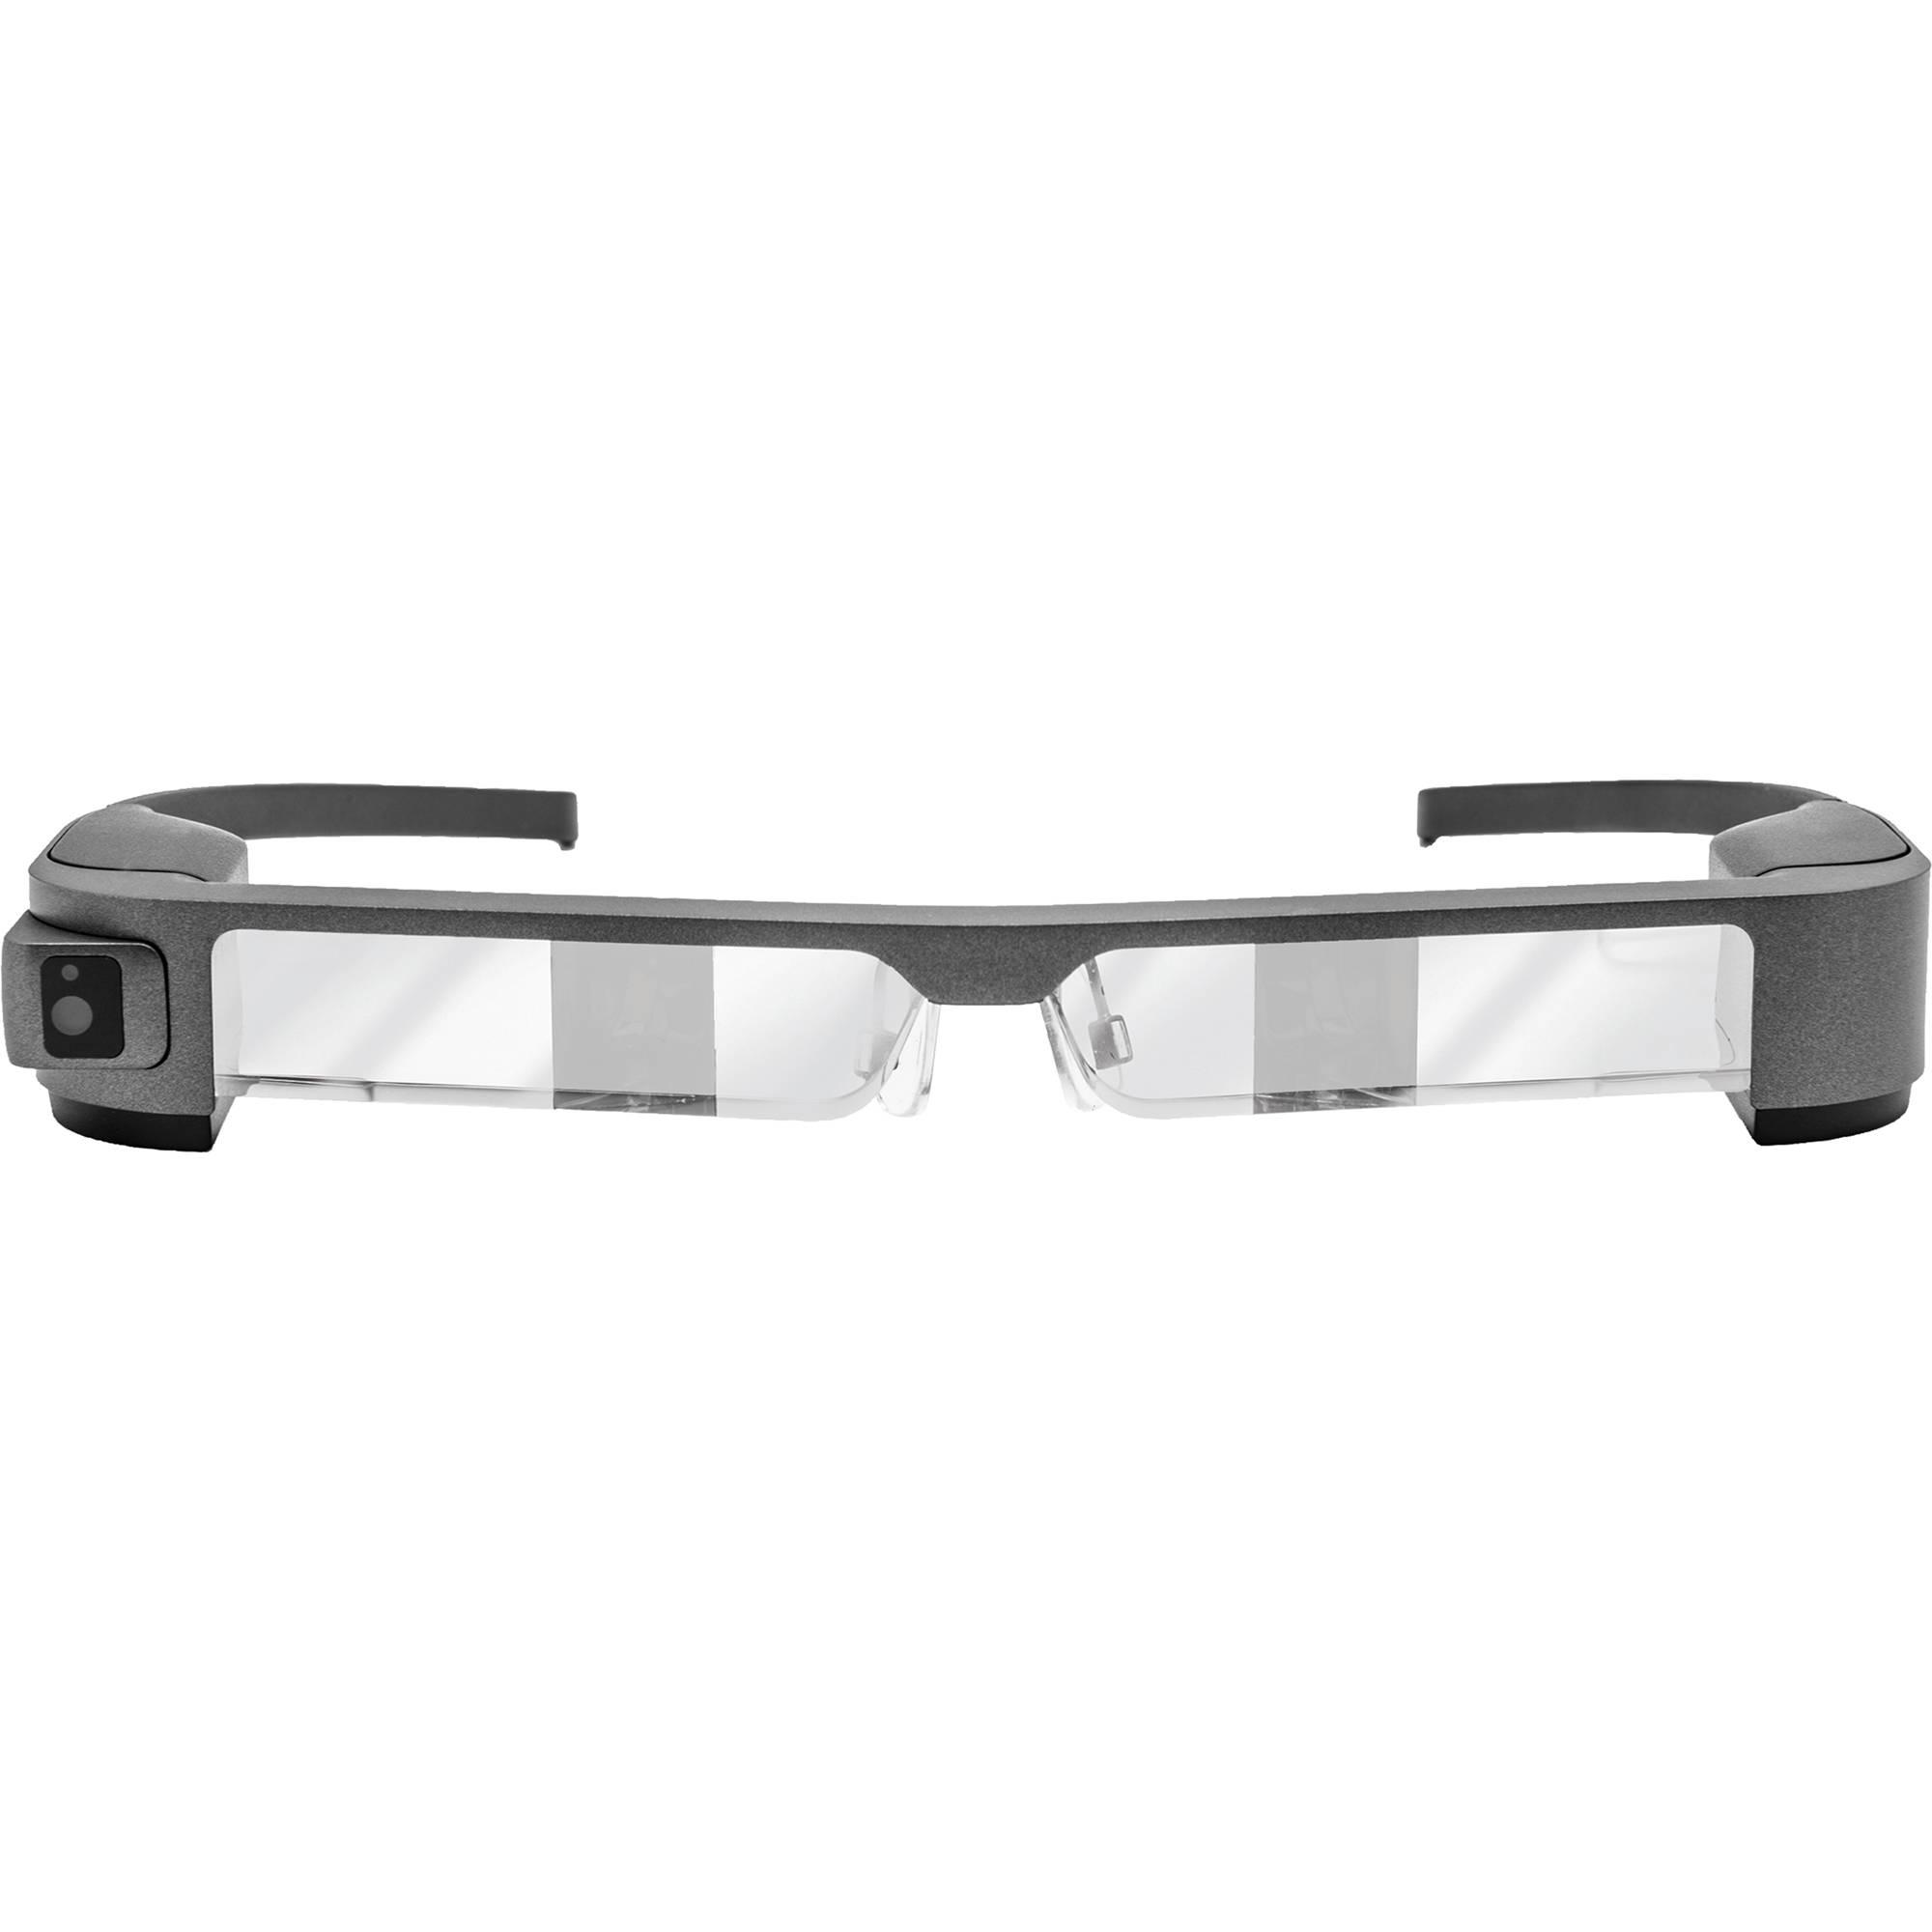 Очки виртуальной реальности Epson Moverio BT-300